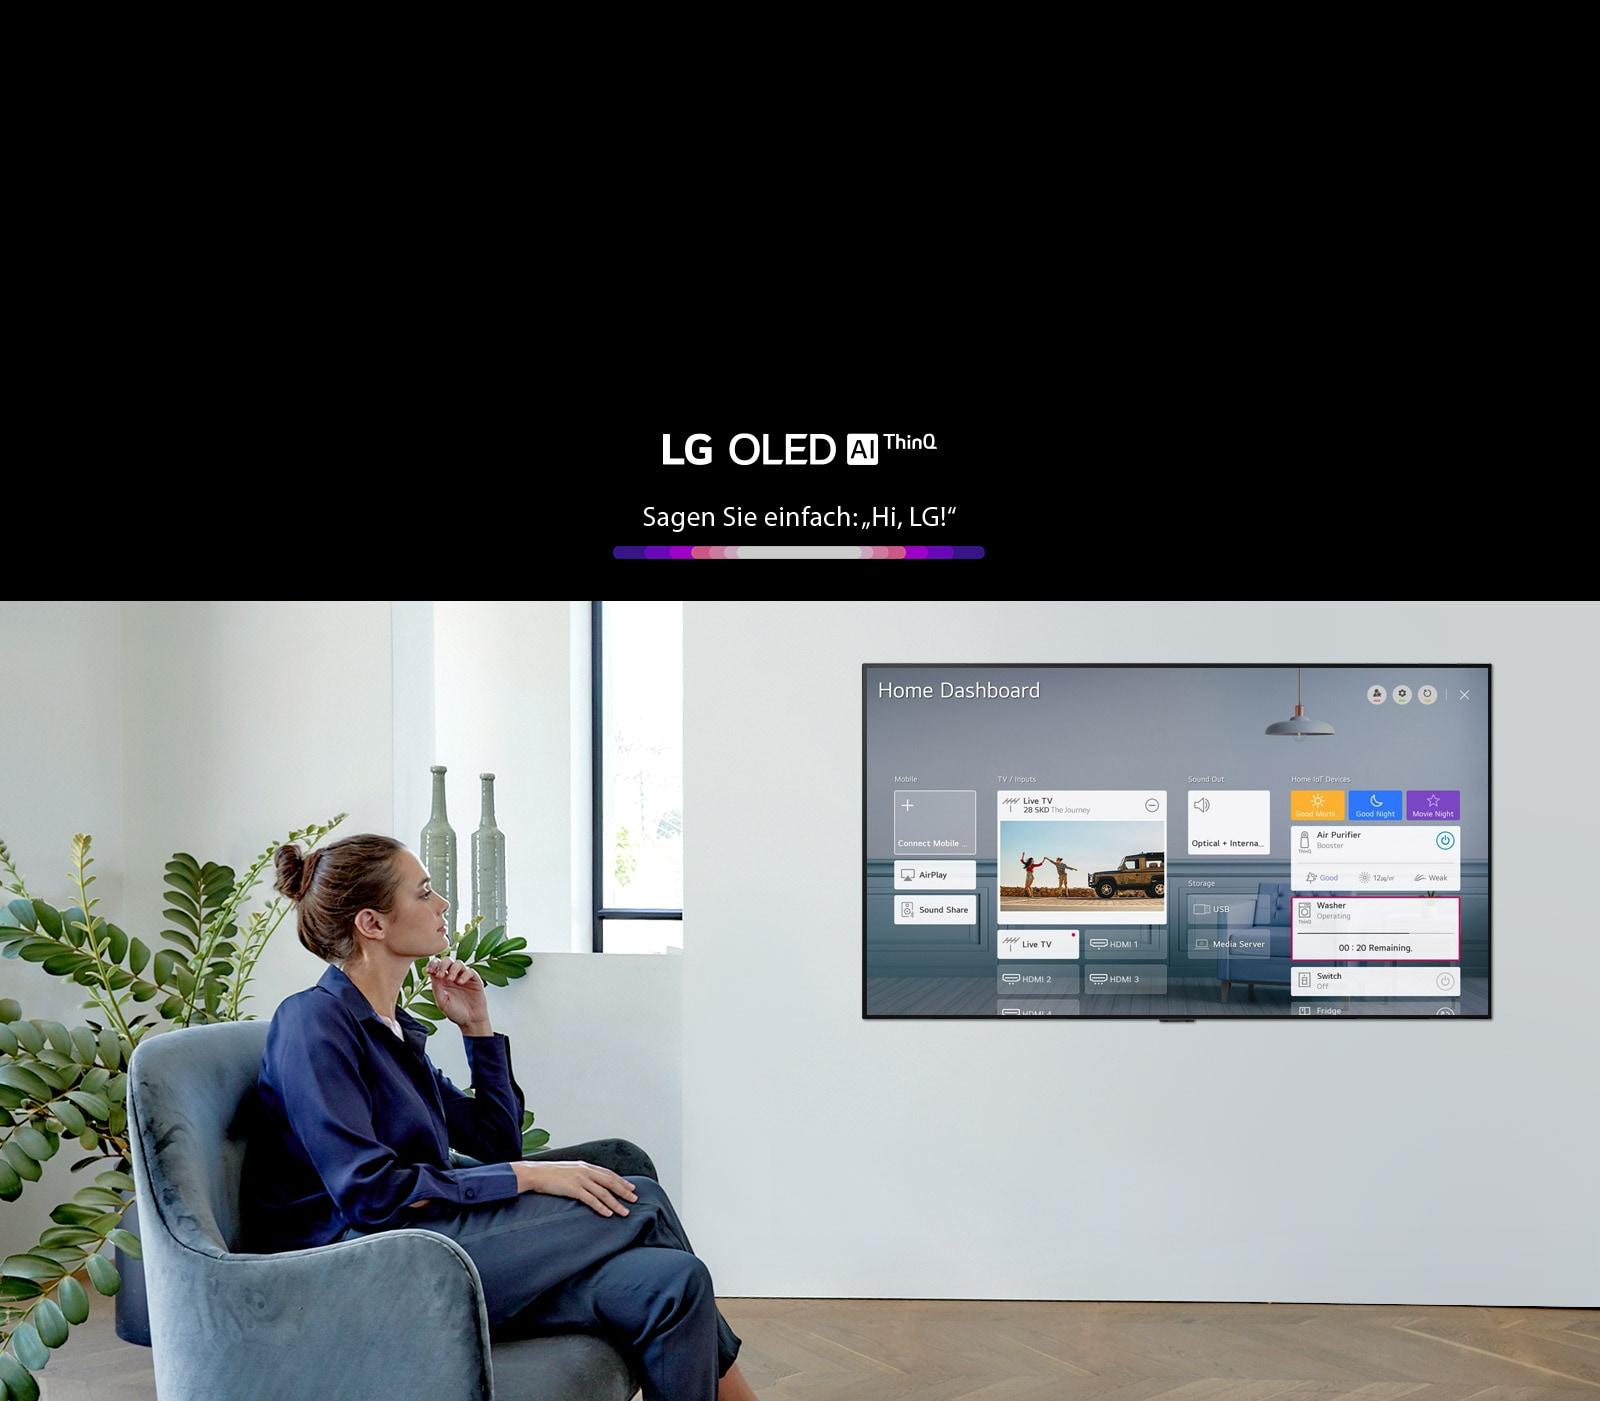 Madre e figlia sono sedute sul divano del soggiorno e il cruscotto di casa viene mostrato sullo schermo della TV.